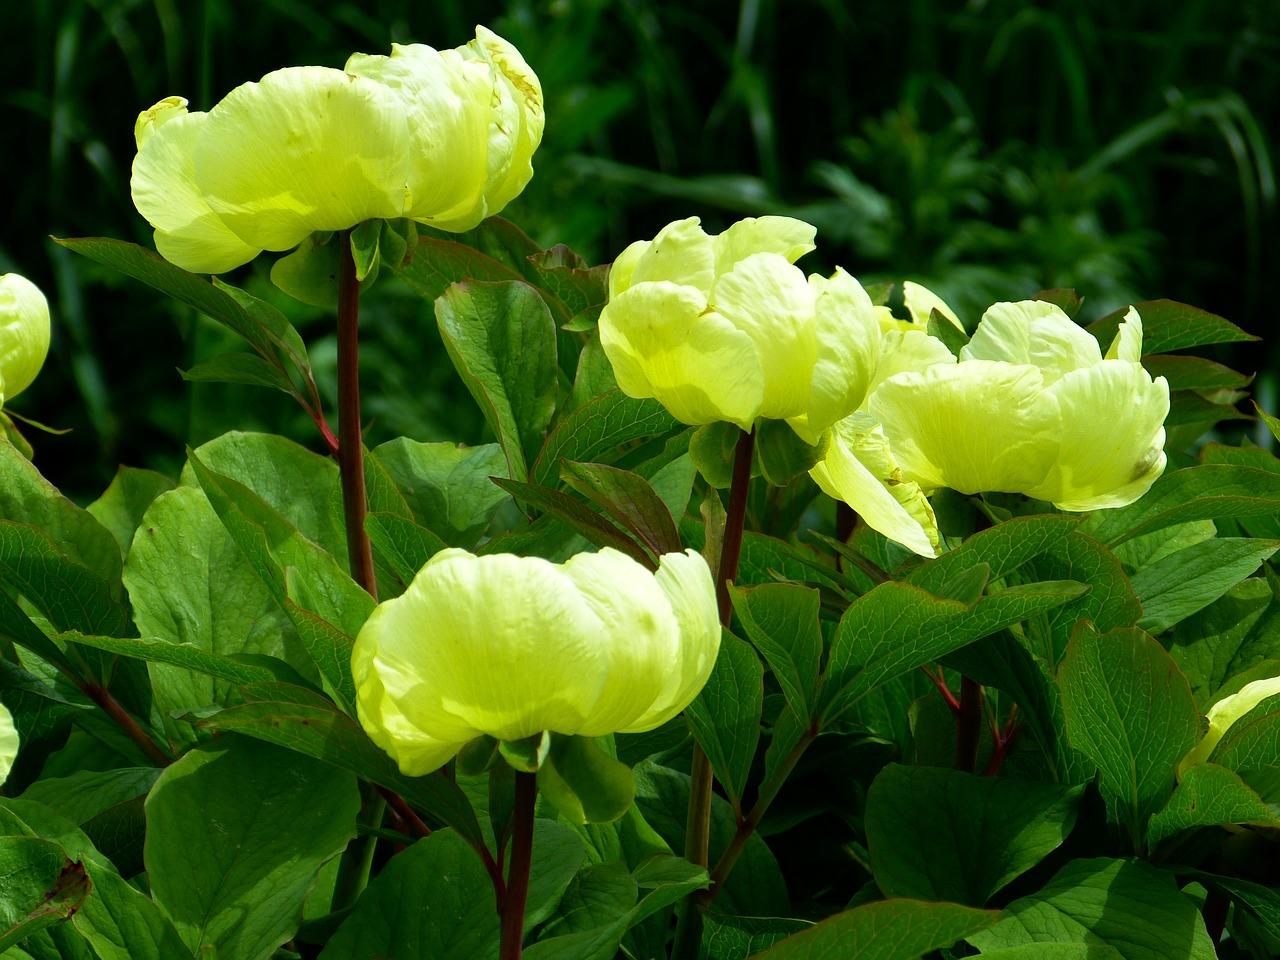 Intretinerea bujorilor sfaturi practice si utile pentru for Plante utile